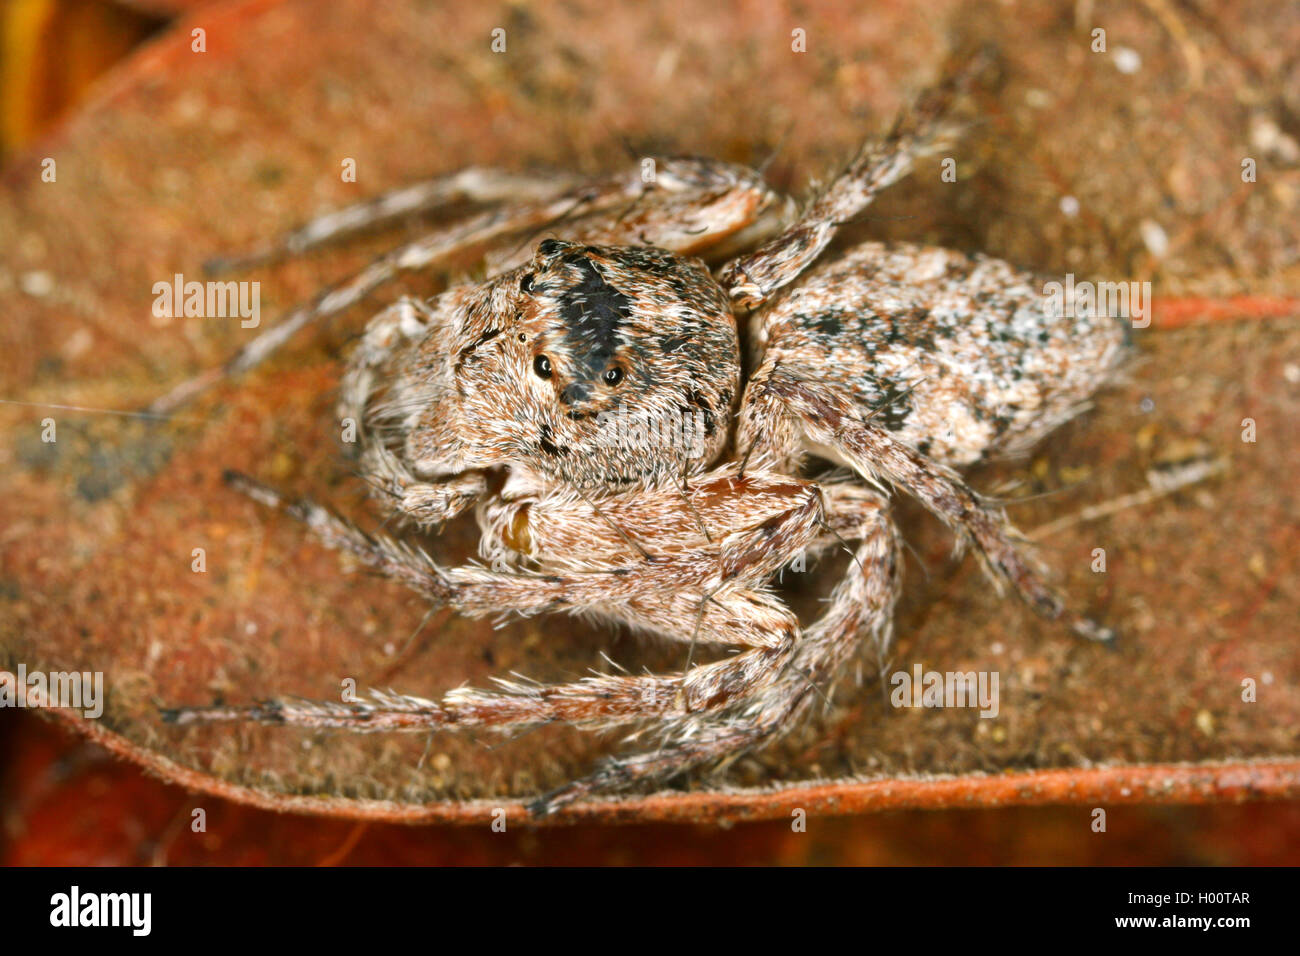 Tropische Kugelspinne, Tropische Kugel-Spinne (Theridiidae), sitzt auf welkem Blatt, Costa Rica | cobweb spider - Stock Image